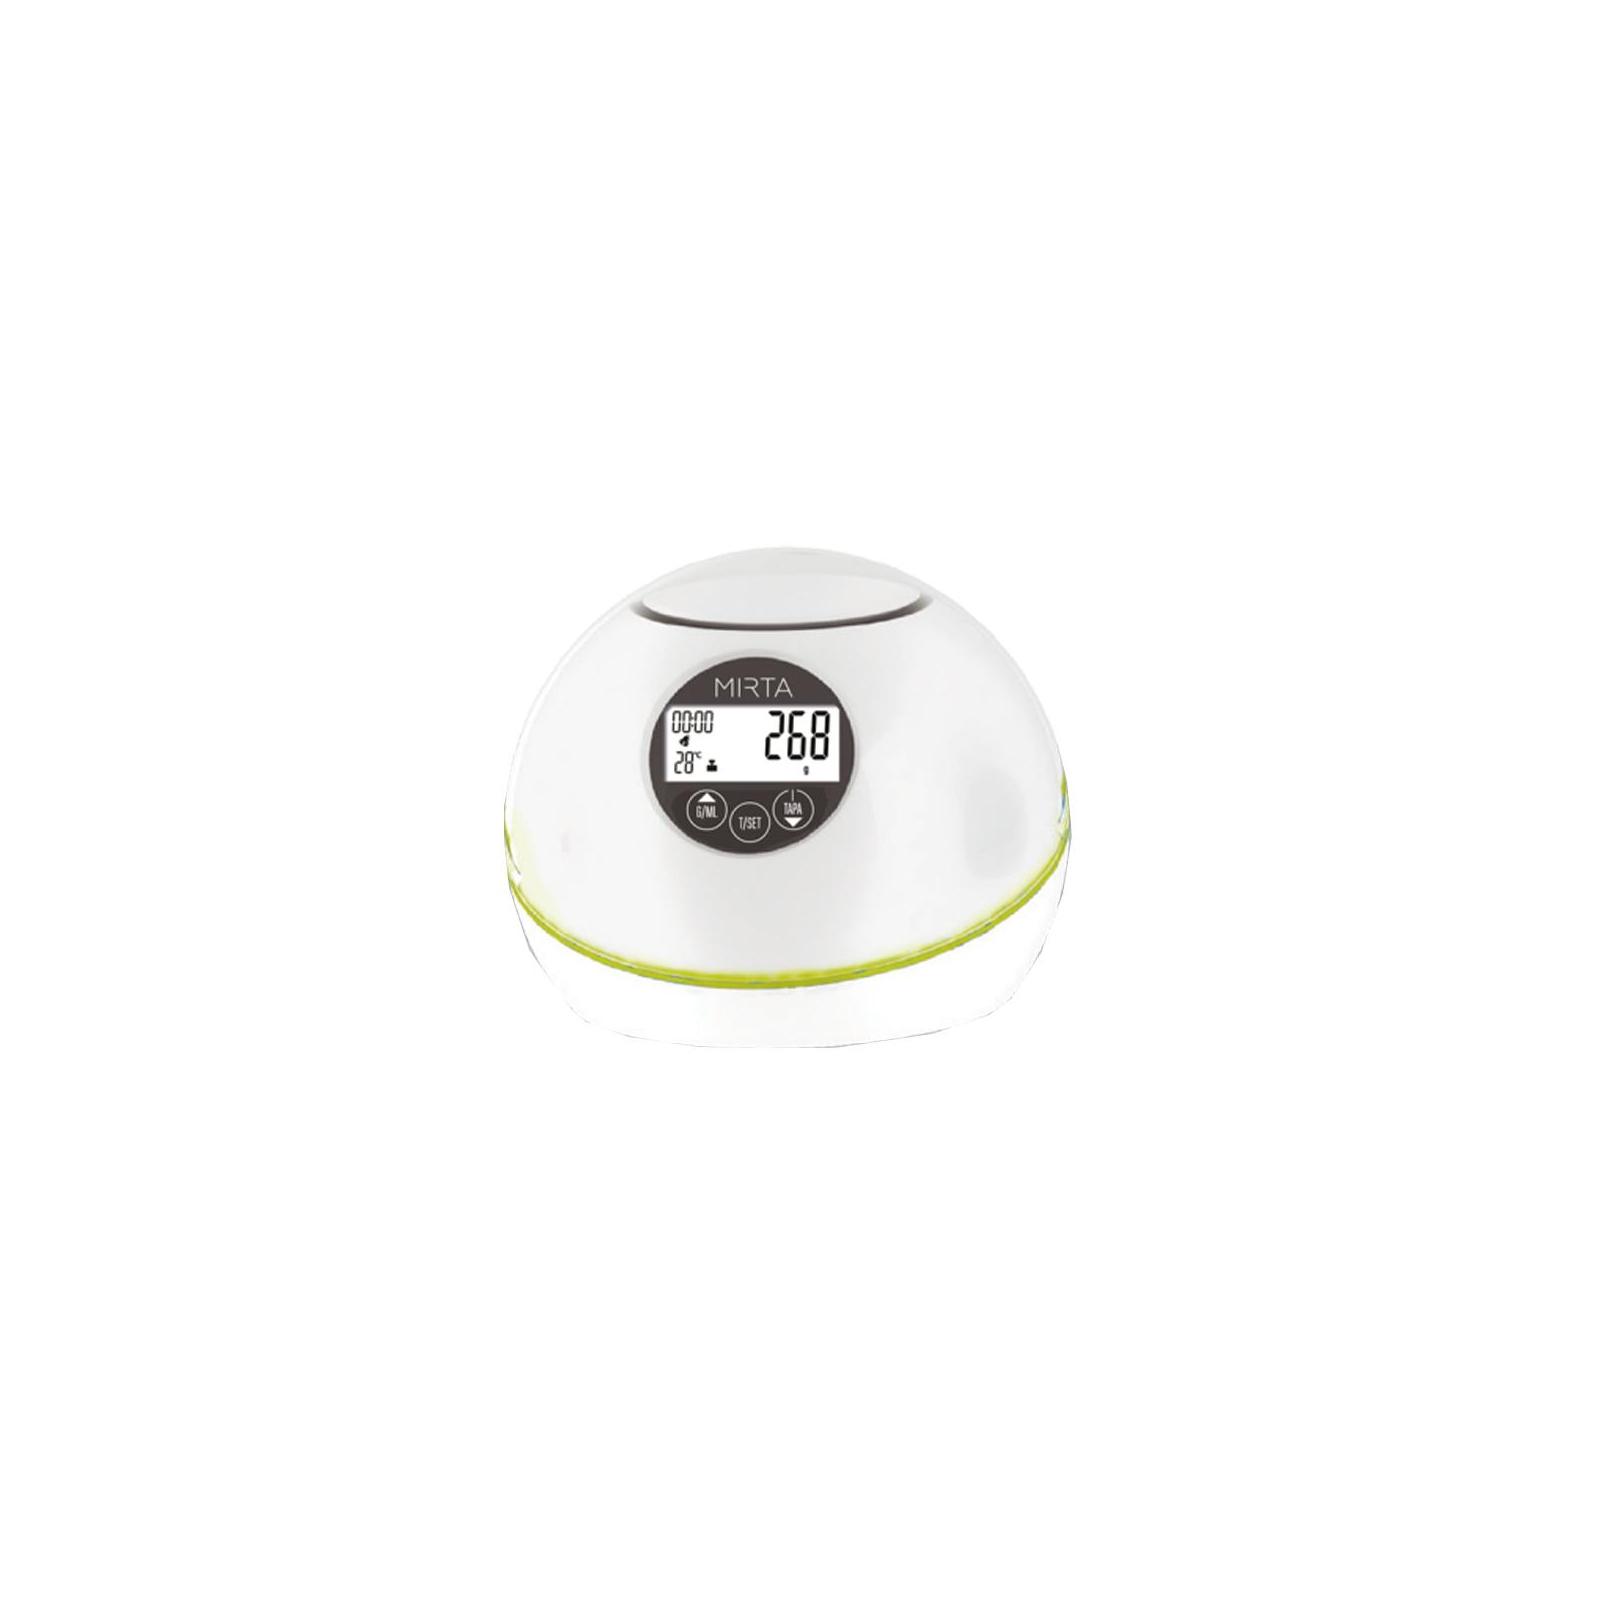 Весы кухонные Mirta SK-3000 изображение 3